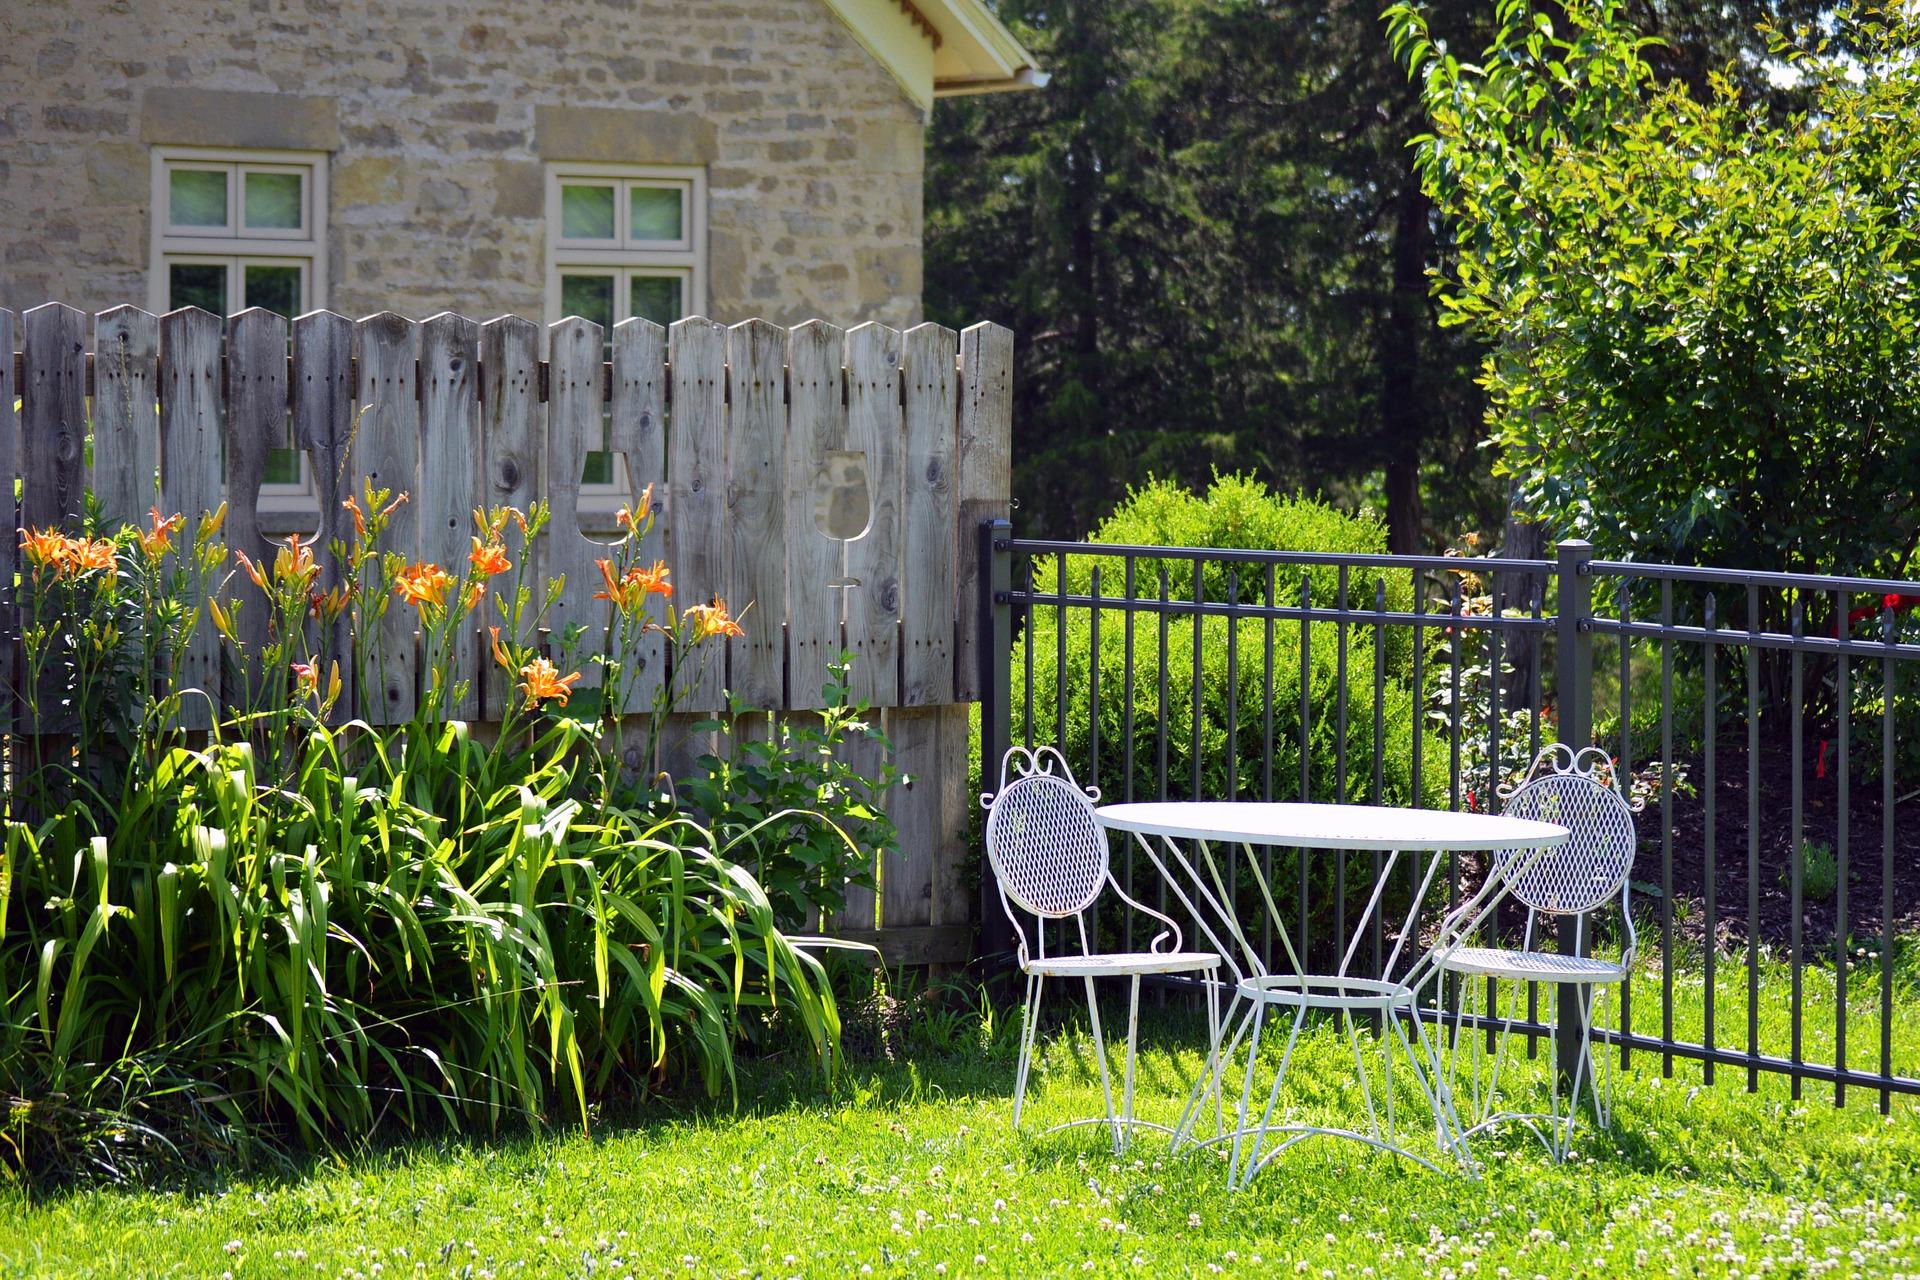 Hoe paalhouders te selecteren voor uw tuin structur?